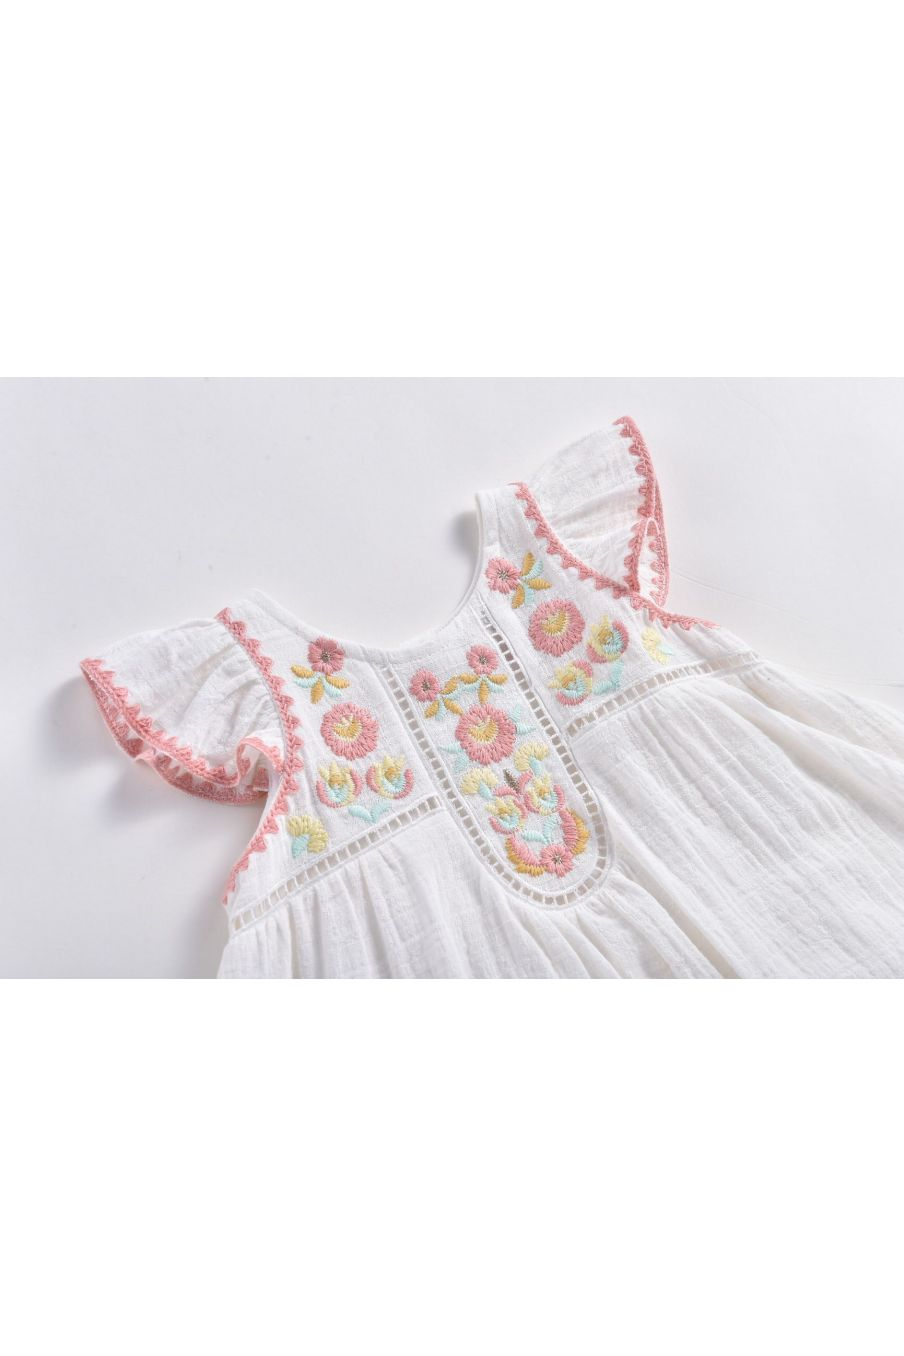 boheme chic vintage robe bébé fille jendahiu ecru